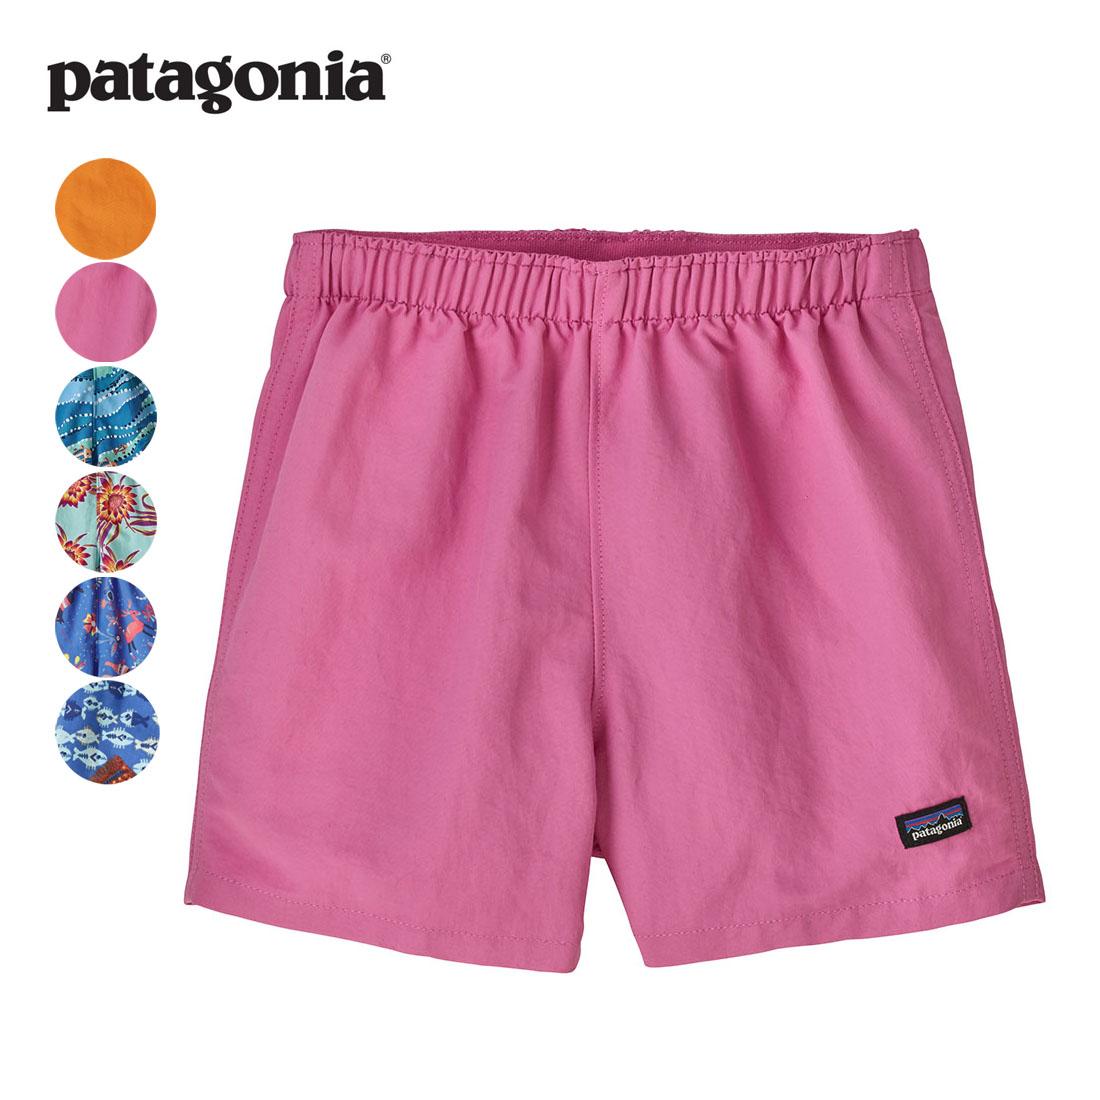 パタゴニア patagonia キッズ Baby Baggies Shorts(12M 18M 2T/2歳 3T/3歳 4T/4歳 5T/5歳)ベビー バギーズ ショーツ 【メール便可】60278